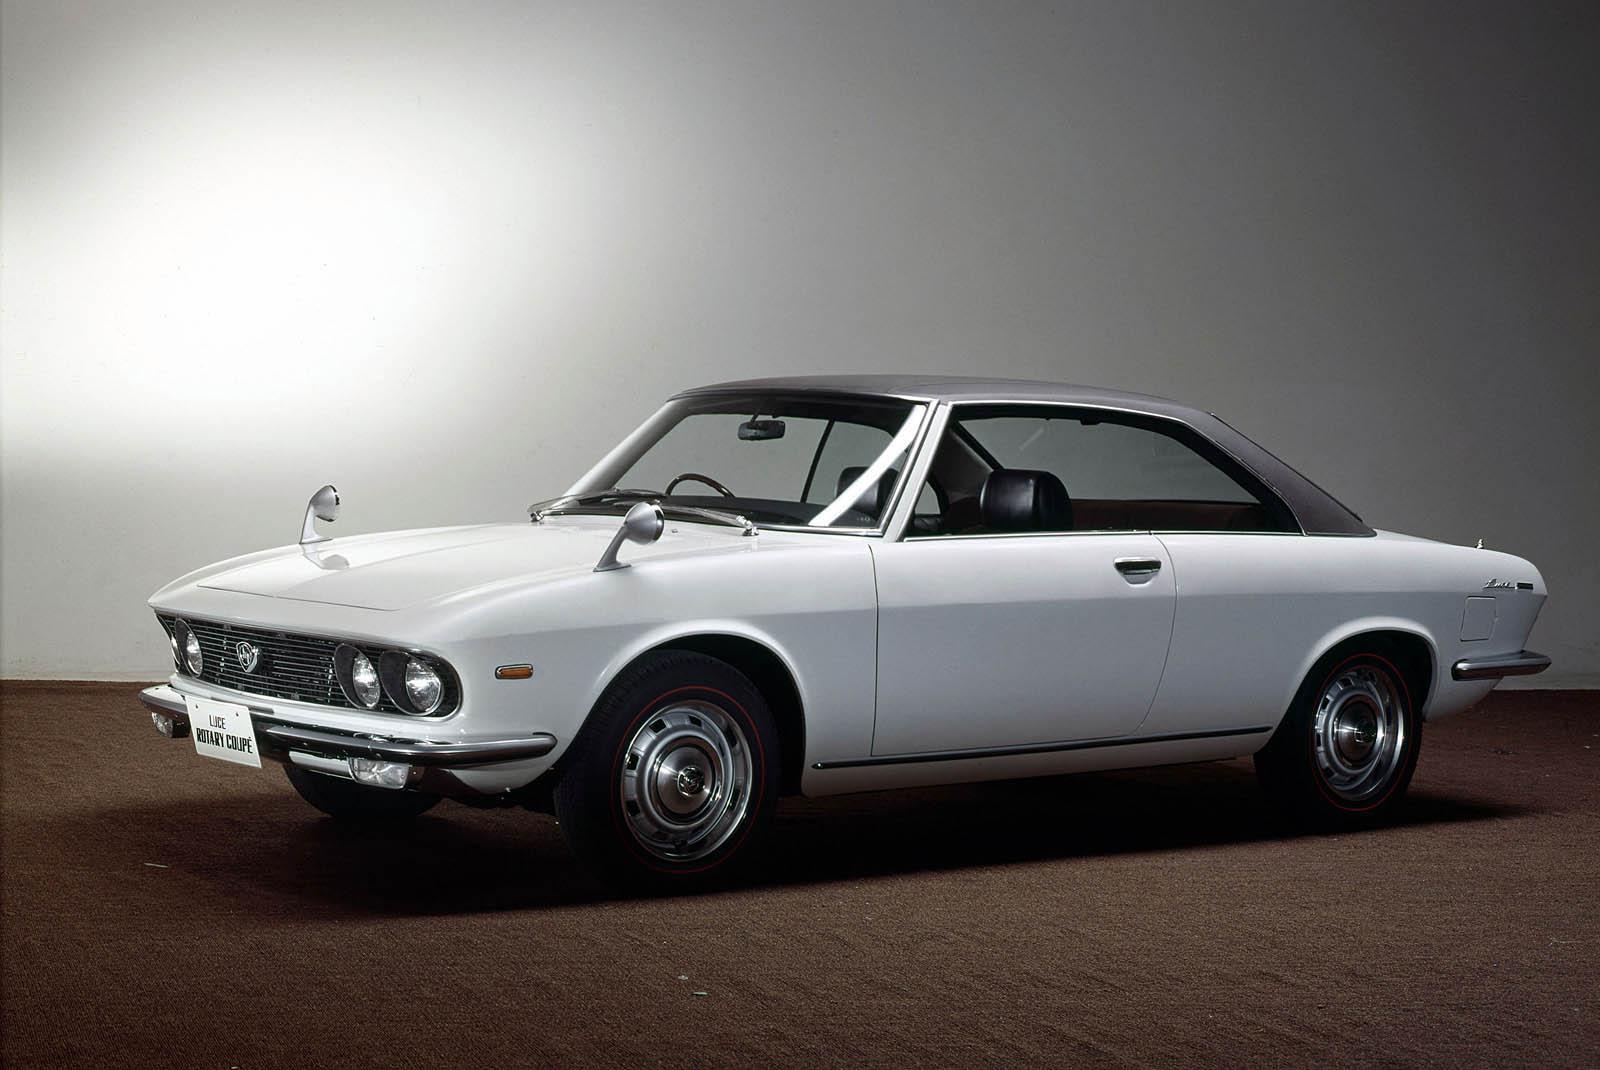 Mazda-50-years-of-rotary-p27_03